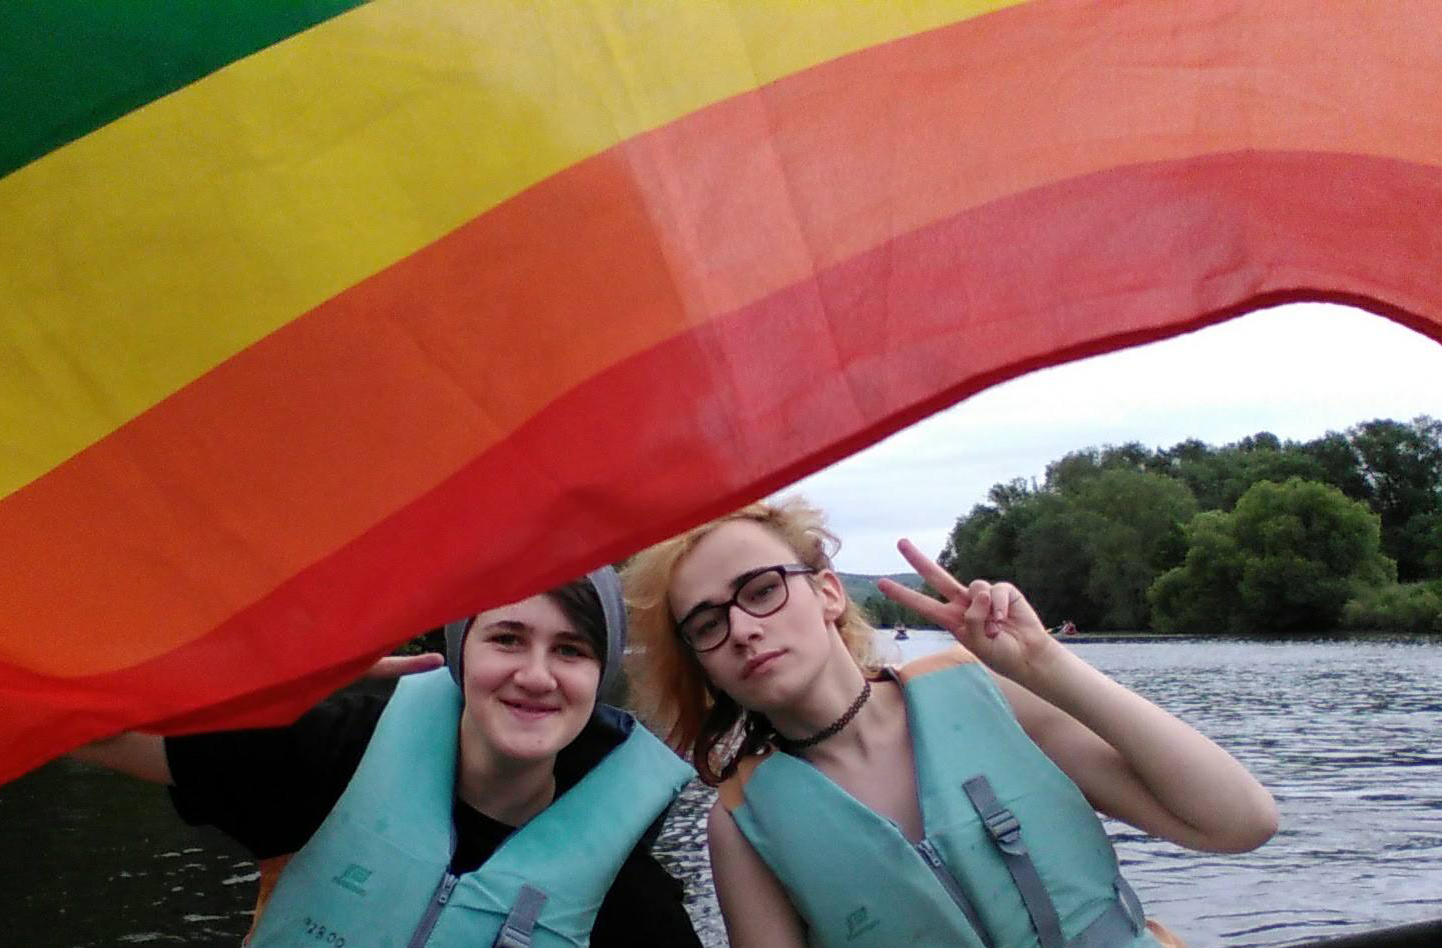 Das Bild zeigt zwei Menschen in einem Boot auf dem Wasser mit einer wehenden Regenbogen Flagge